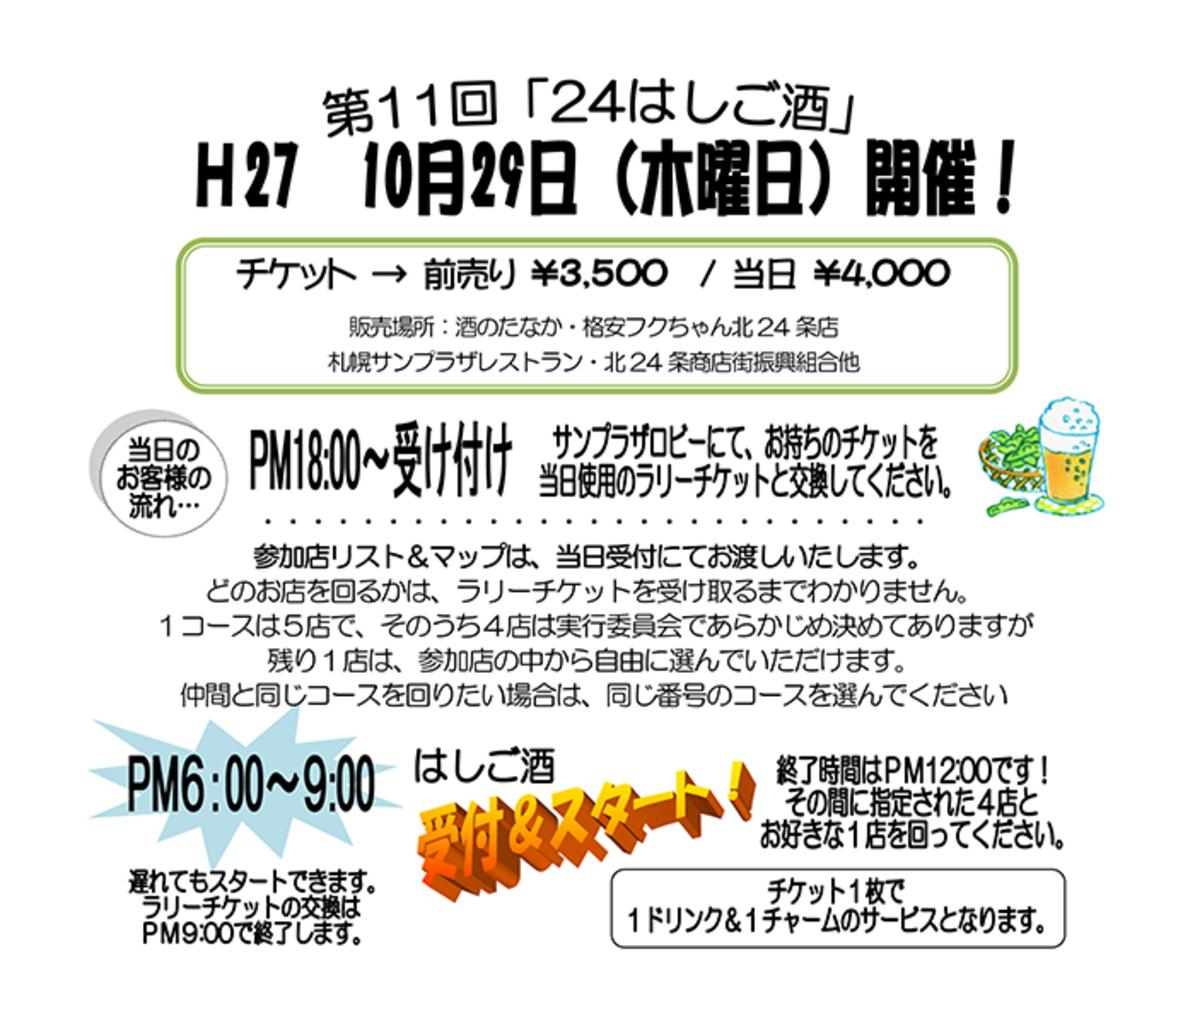 今年も盛りだくさんの36店舗 一挙公開 ニーヨンはしご酒 北区 (10/29) 札幌